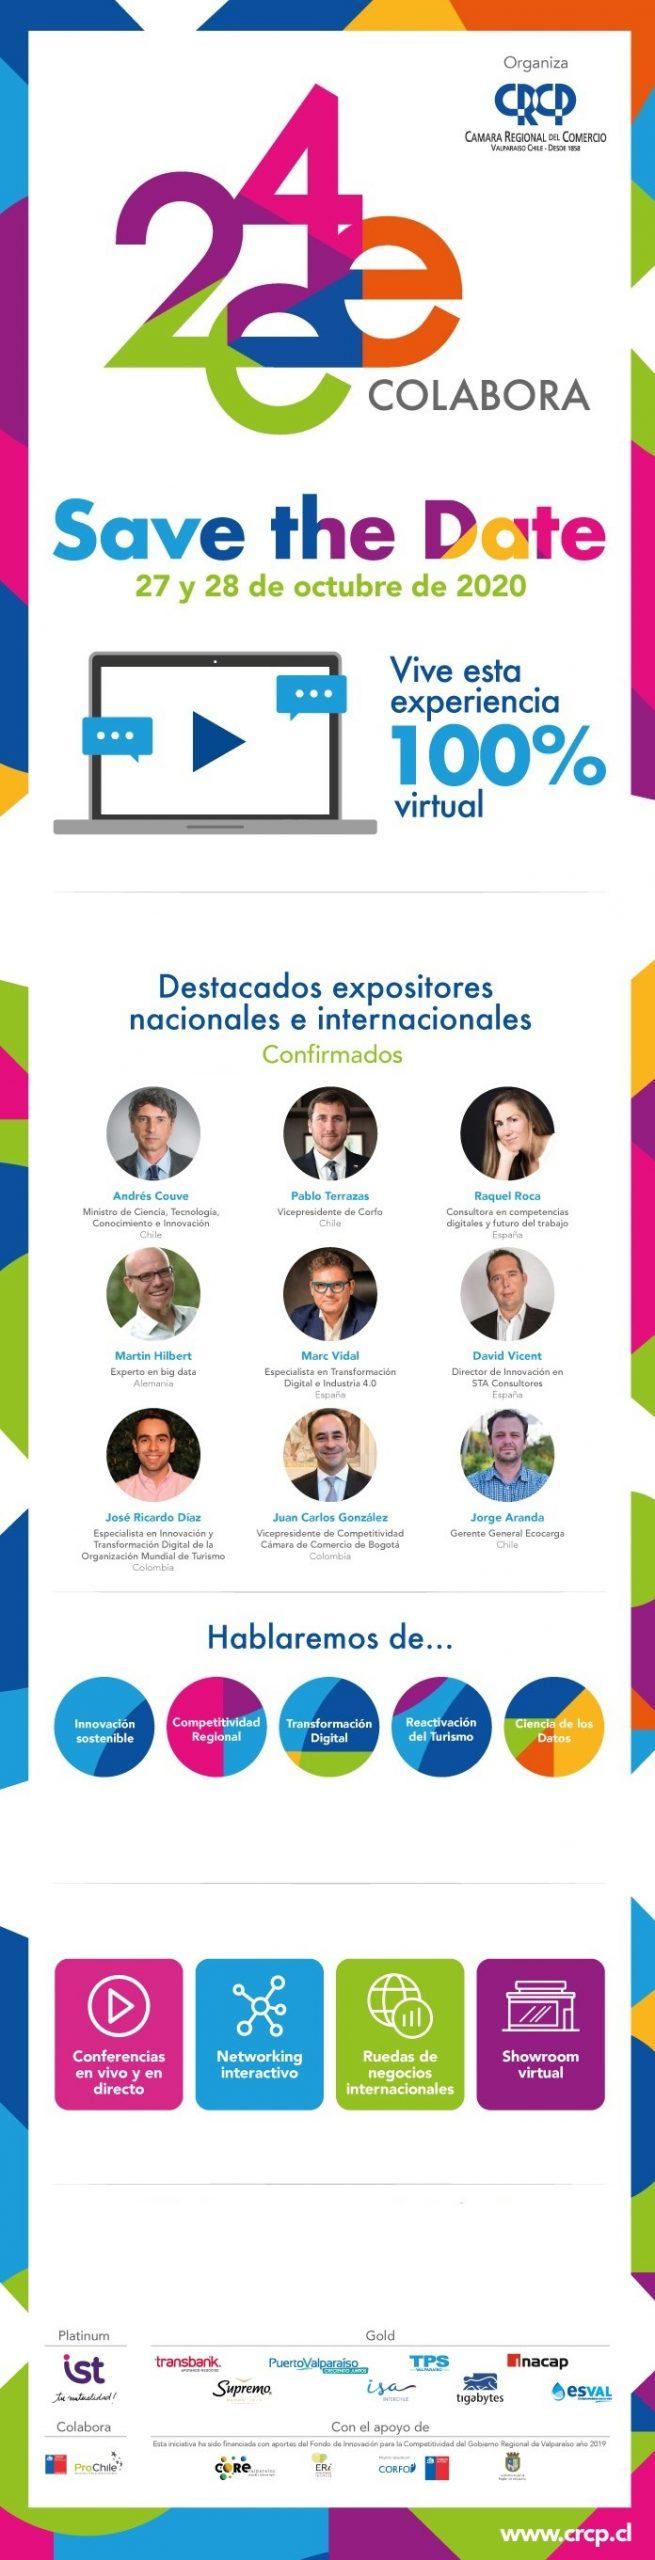 CRCP - 24 Encuentro Empresarial Colabora